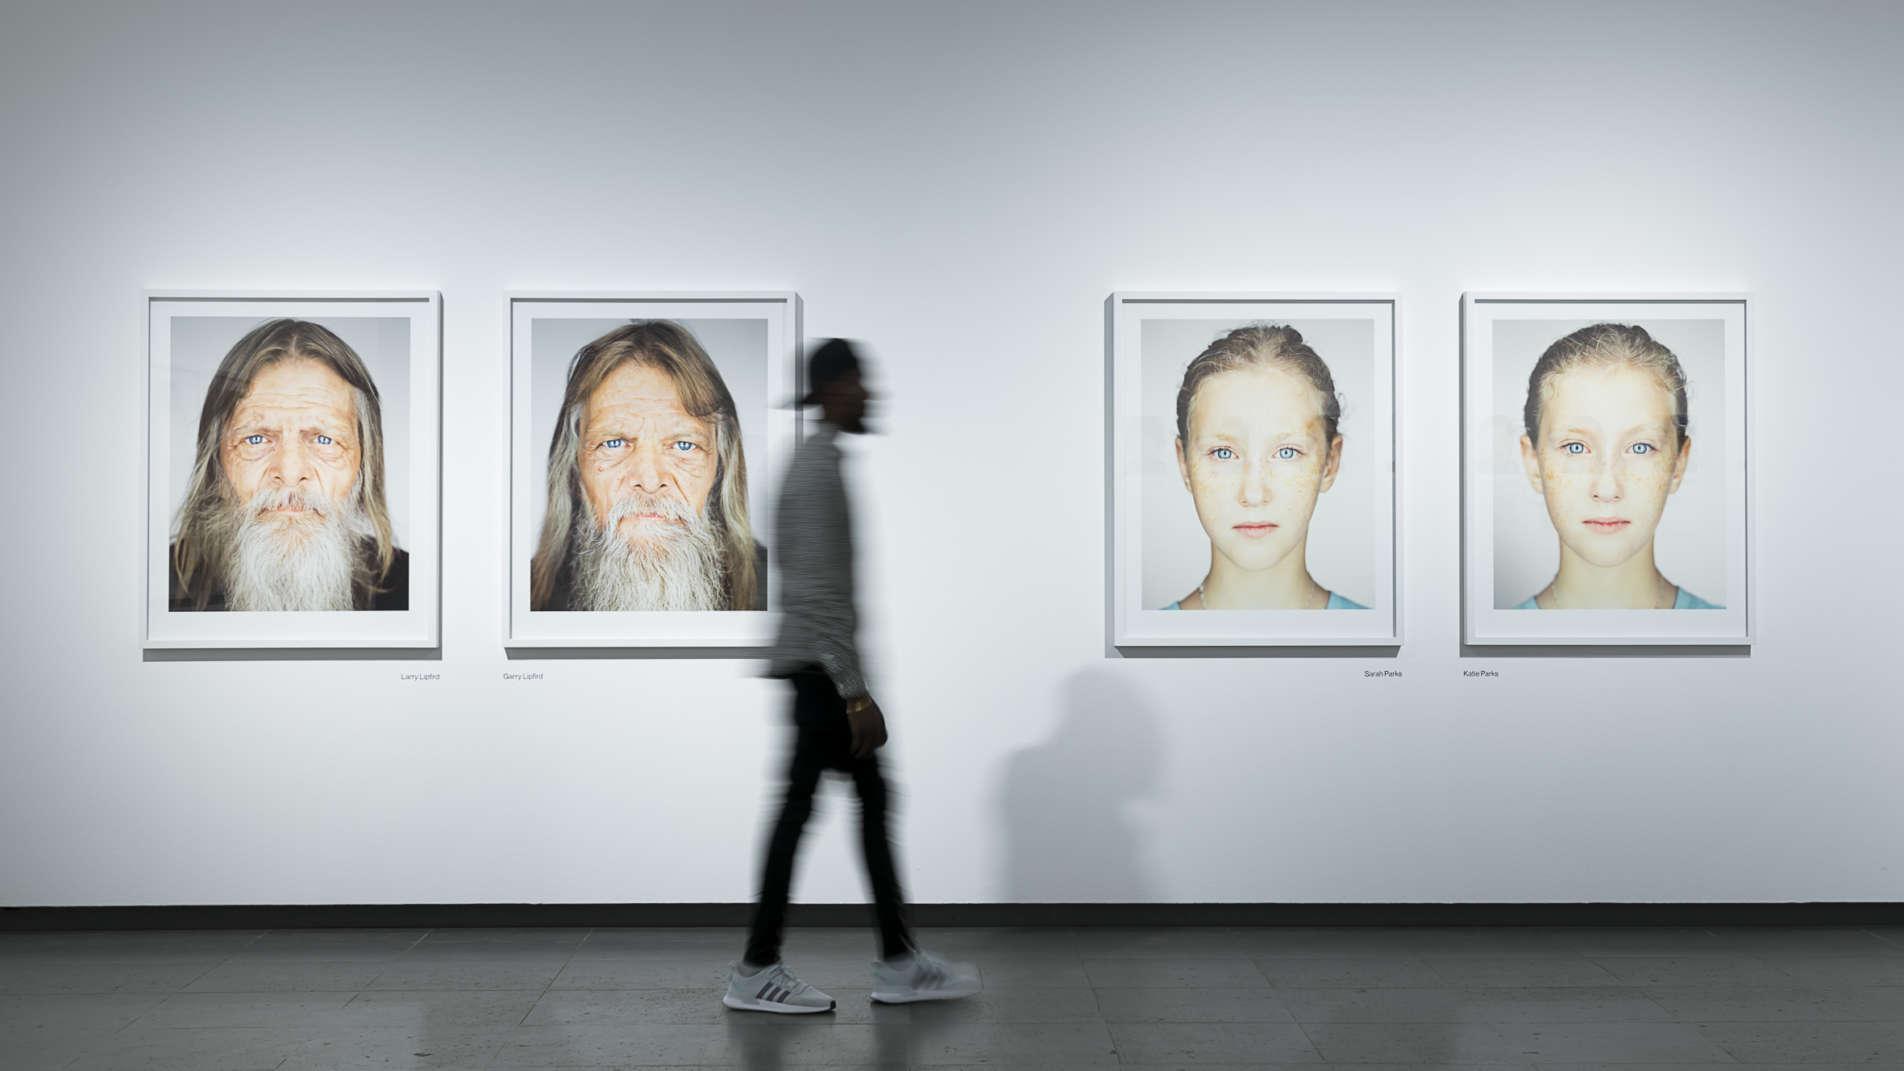 Ausstellungsansicht der Serie Identical aus der Ausstellung Martin Schoeller mit zwei gleichgestalteten Porträtpaaren mit Zwillingen